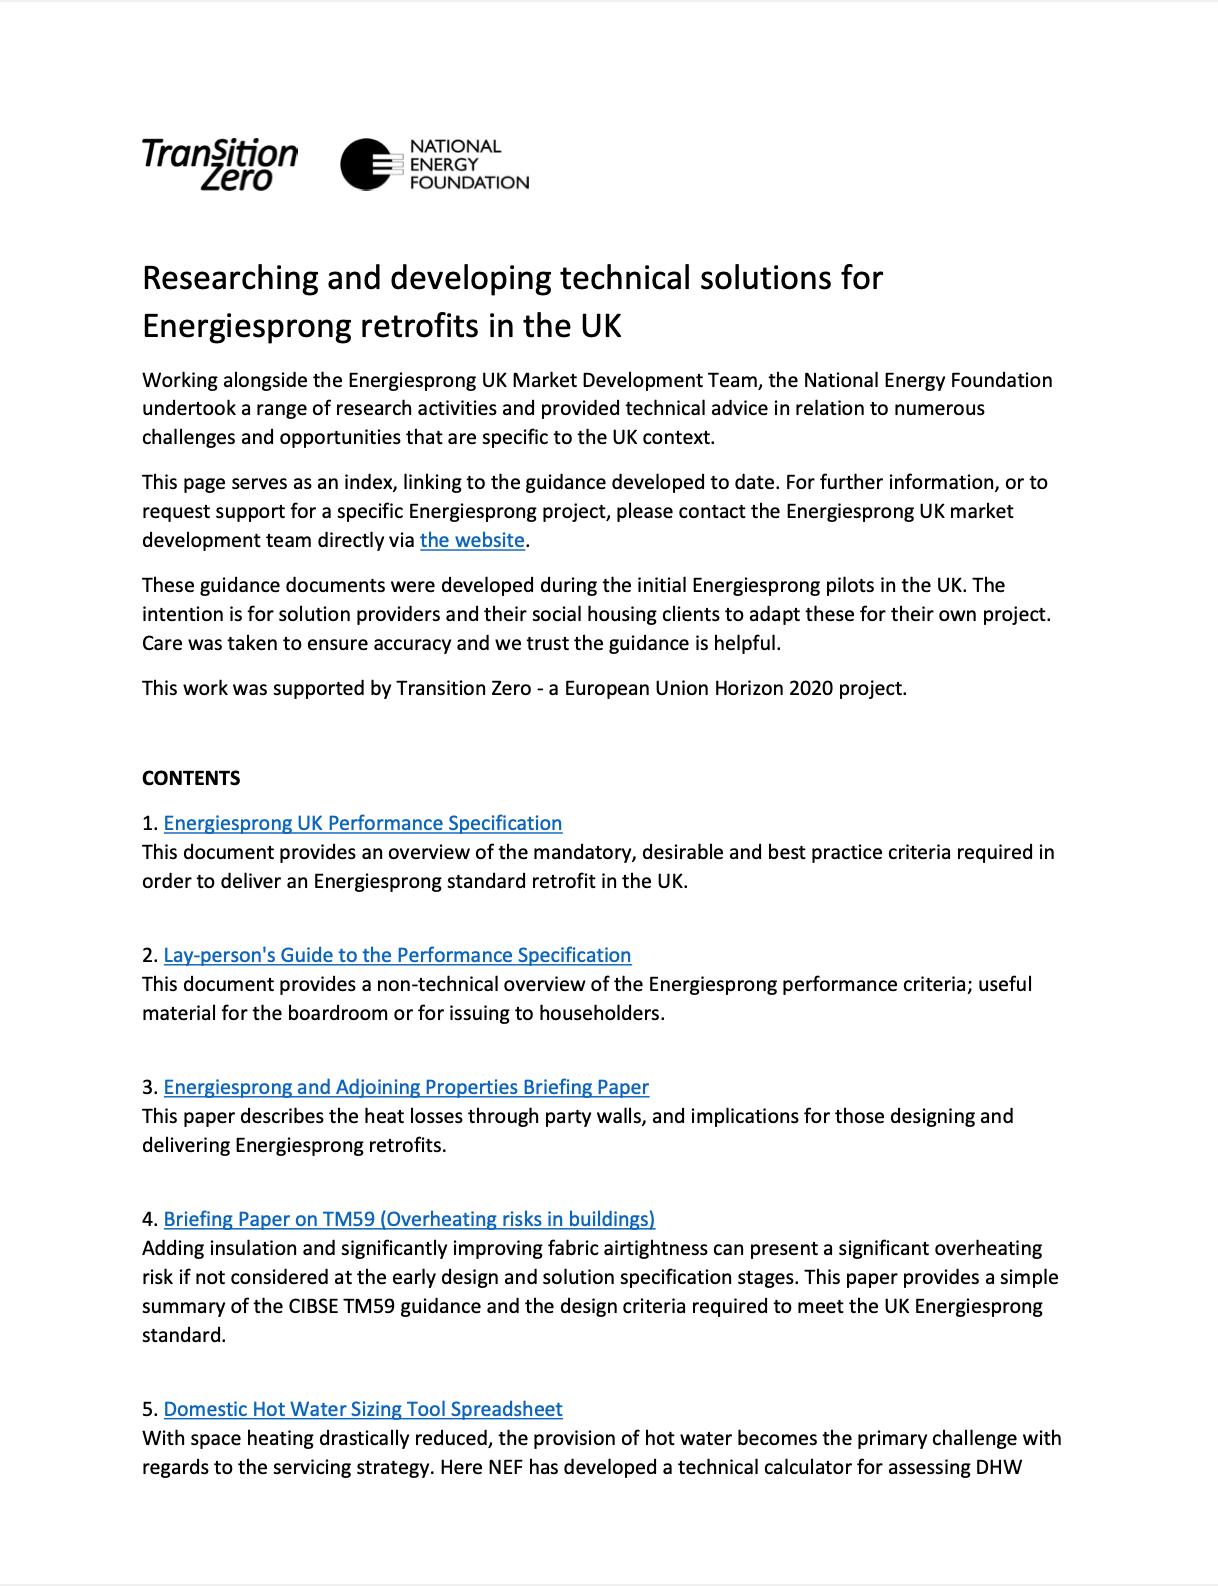 EnergieSprong / NEF monitoring protocols